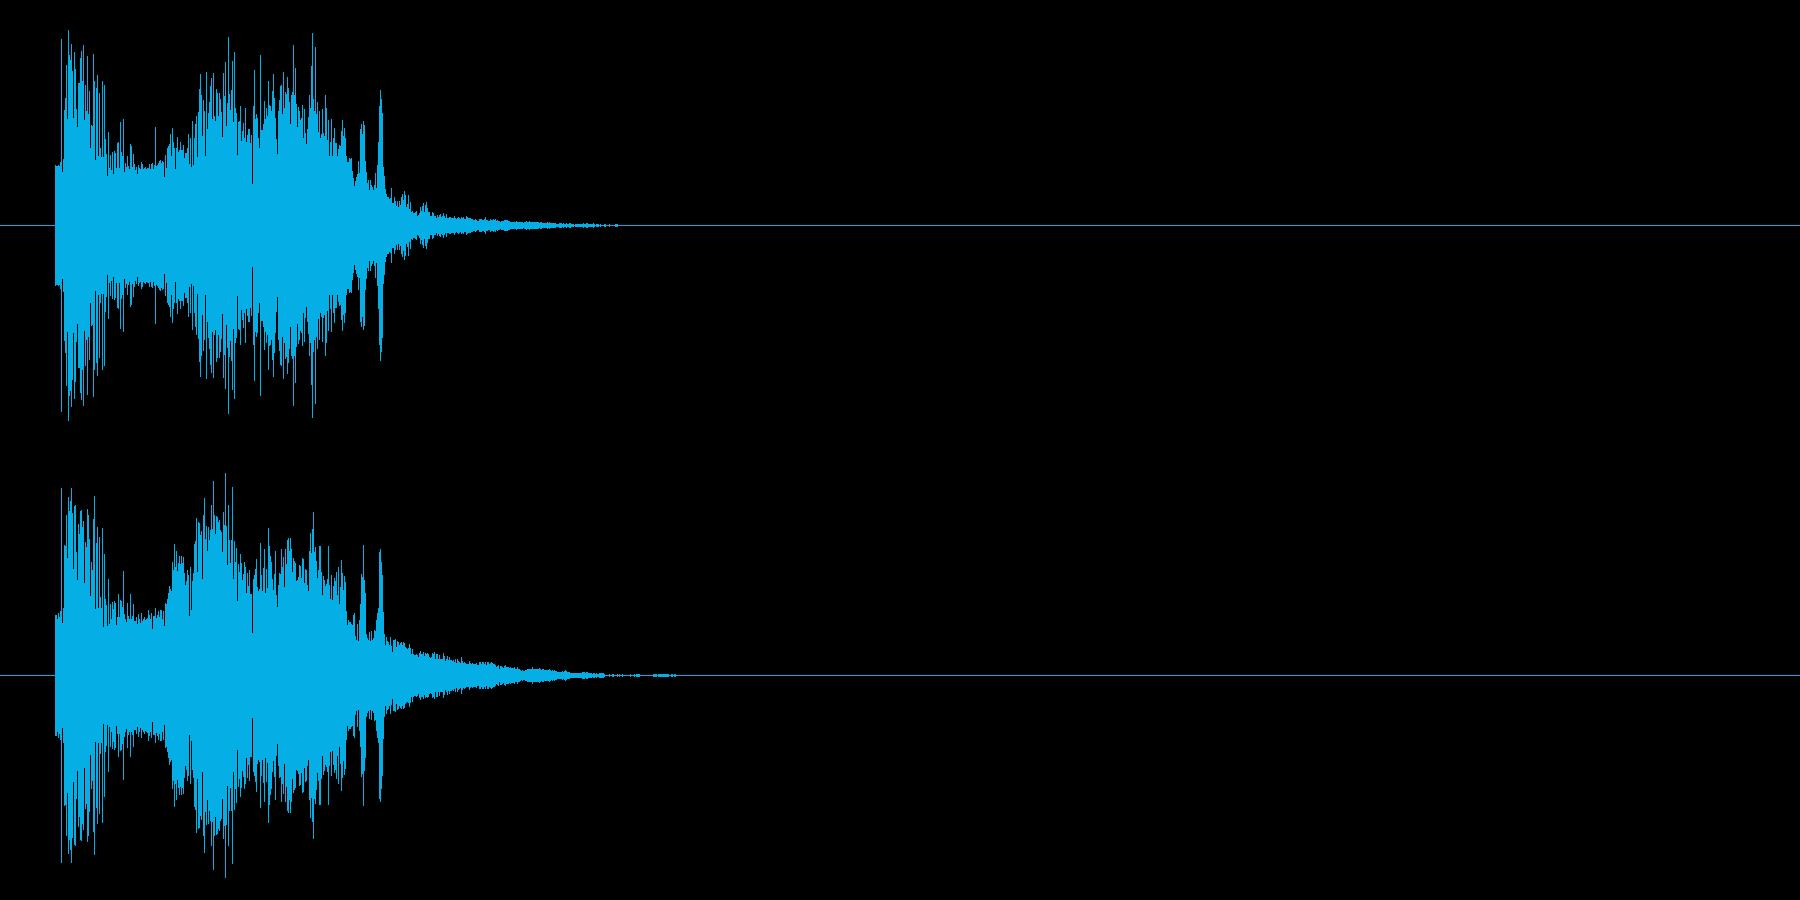 斬撃音(剣やナイフなどの軽い武器で攻撃)の再生済みの波形